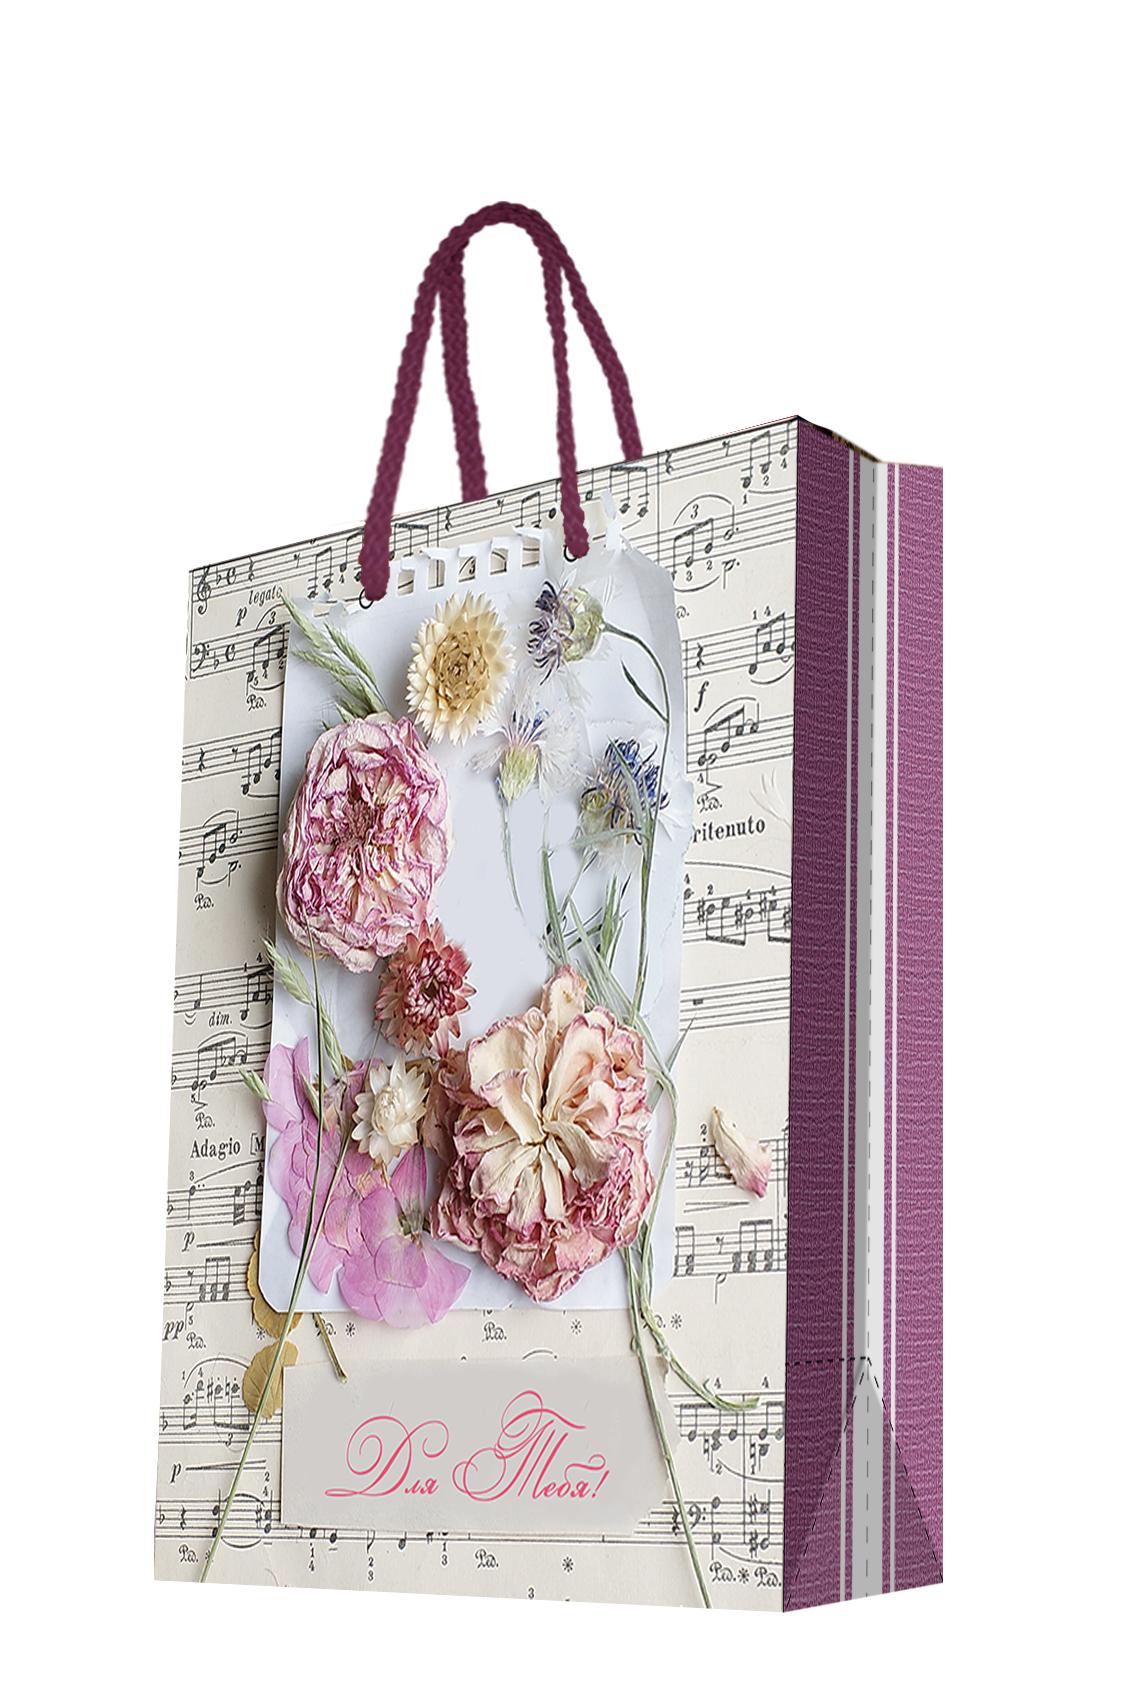 Пакет подарочный Magic Home Ноты и цветы, 17,8 х 22,9 х 9,8 см44175Подарочный пакет Magic Home, изготовленный из плотной бумаги, станет незаменимым дополнением к выбранному подарку. Дно изделия укреплено картоном, который позволяет сохранить форму пакета и исключает возможность деформации дна под тяжестью подарка. Пакет выполнен с глянцевой ламинацией, что придает ему прочность, а изображению - яркость и насыщенность цветов. Для удобной переноски имеются две ручки в виде шнурков.Подарок, преподнесенный в оригинальной упаковке, всегда будет самым эффектным и запоминающимся. Окружите близких людей вниманием и заботой, вручив презент в нарядном, праздничном оформлении.Плотность бумаги: 140 г/м2.